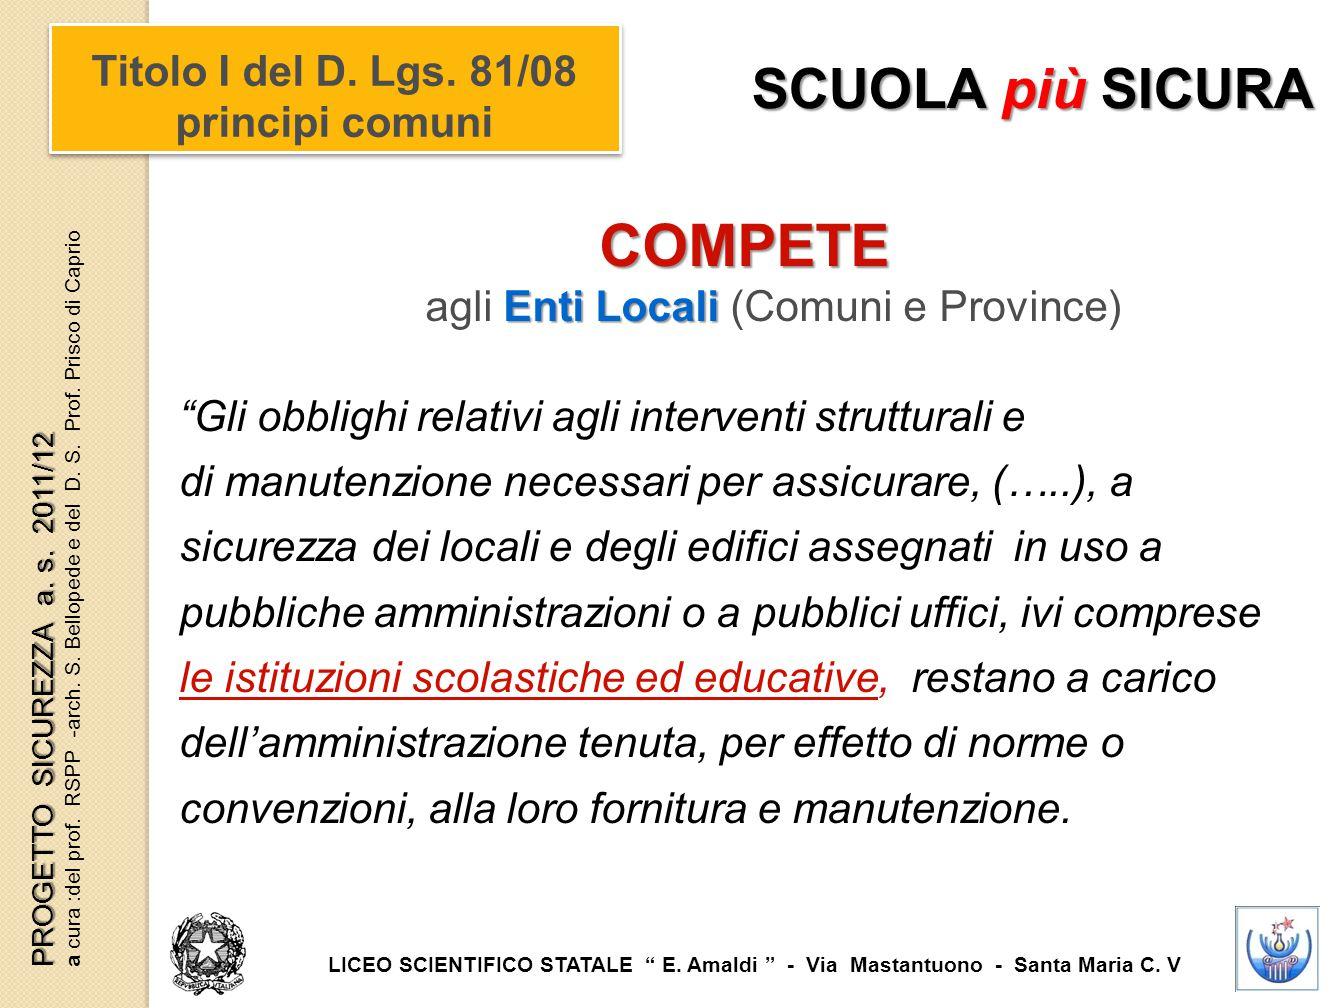 """COMPETE Enti Locali agli Enti Locali (Comuni e Province) """"Gli obblighi relativi agli interventi strutturali e di manutenzione necessari per assicurare"""